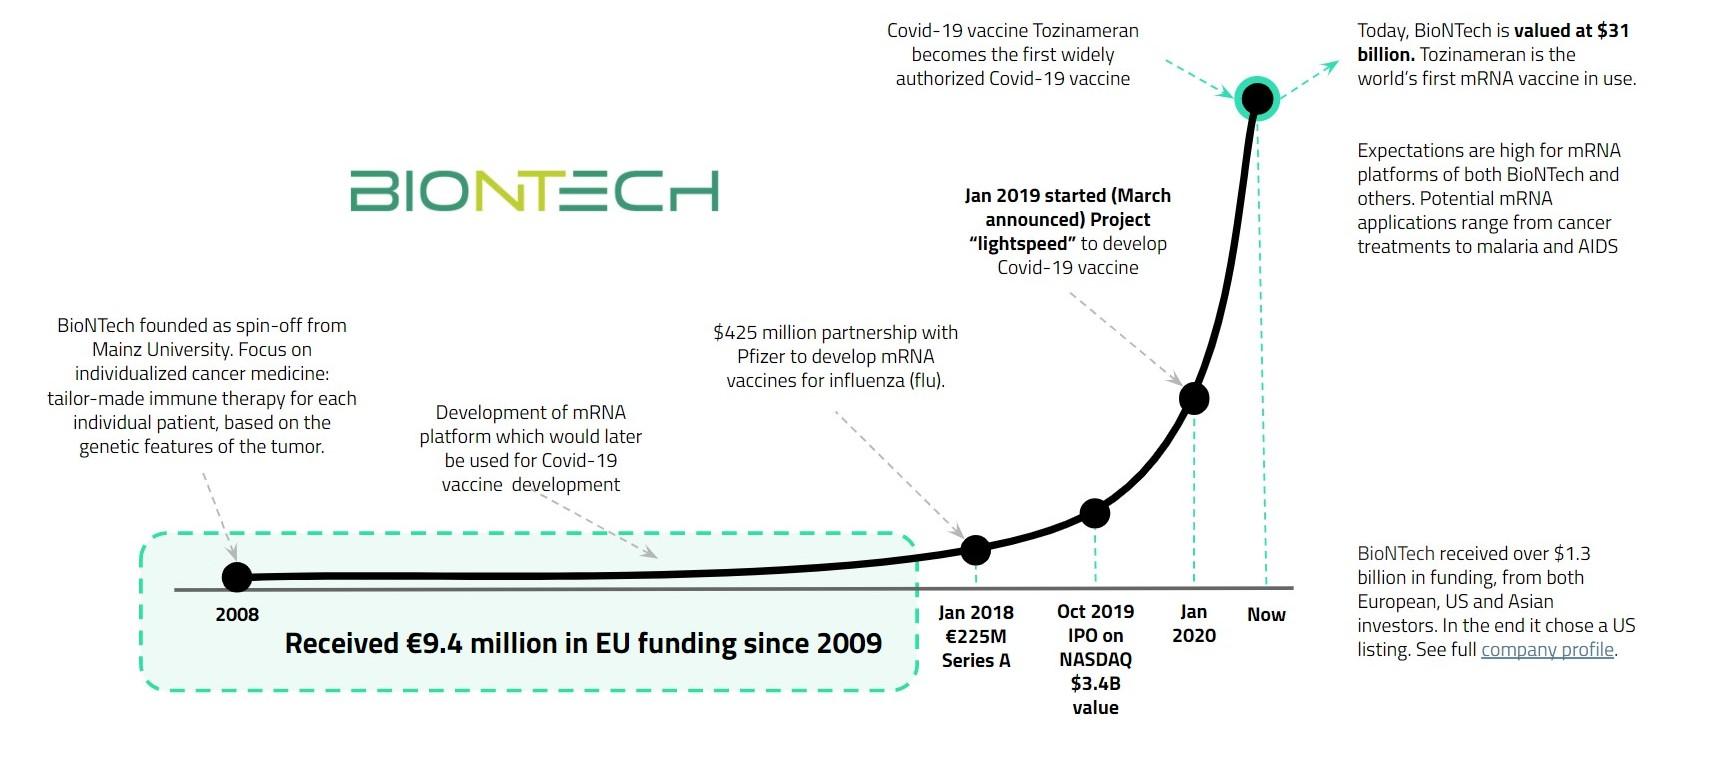 European deeptech - BioNtech